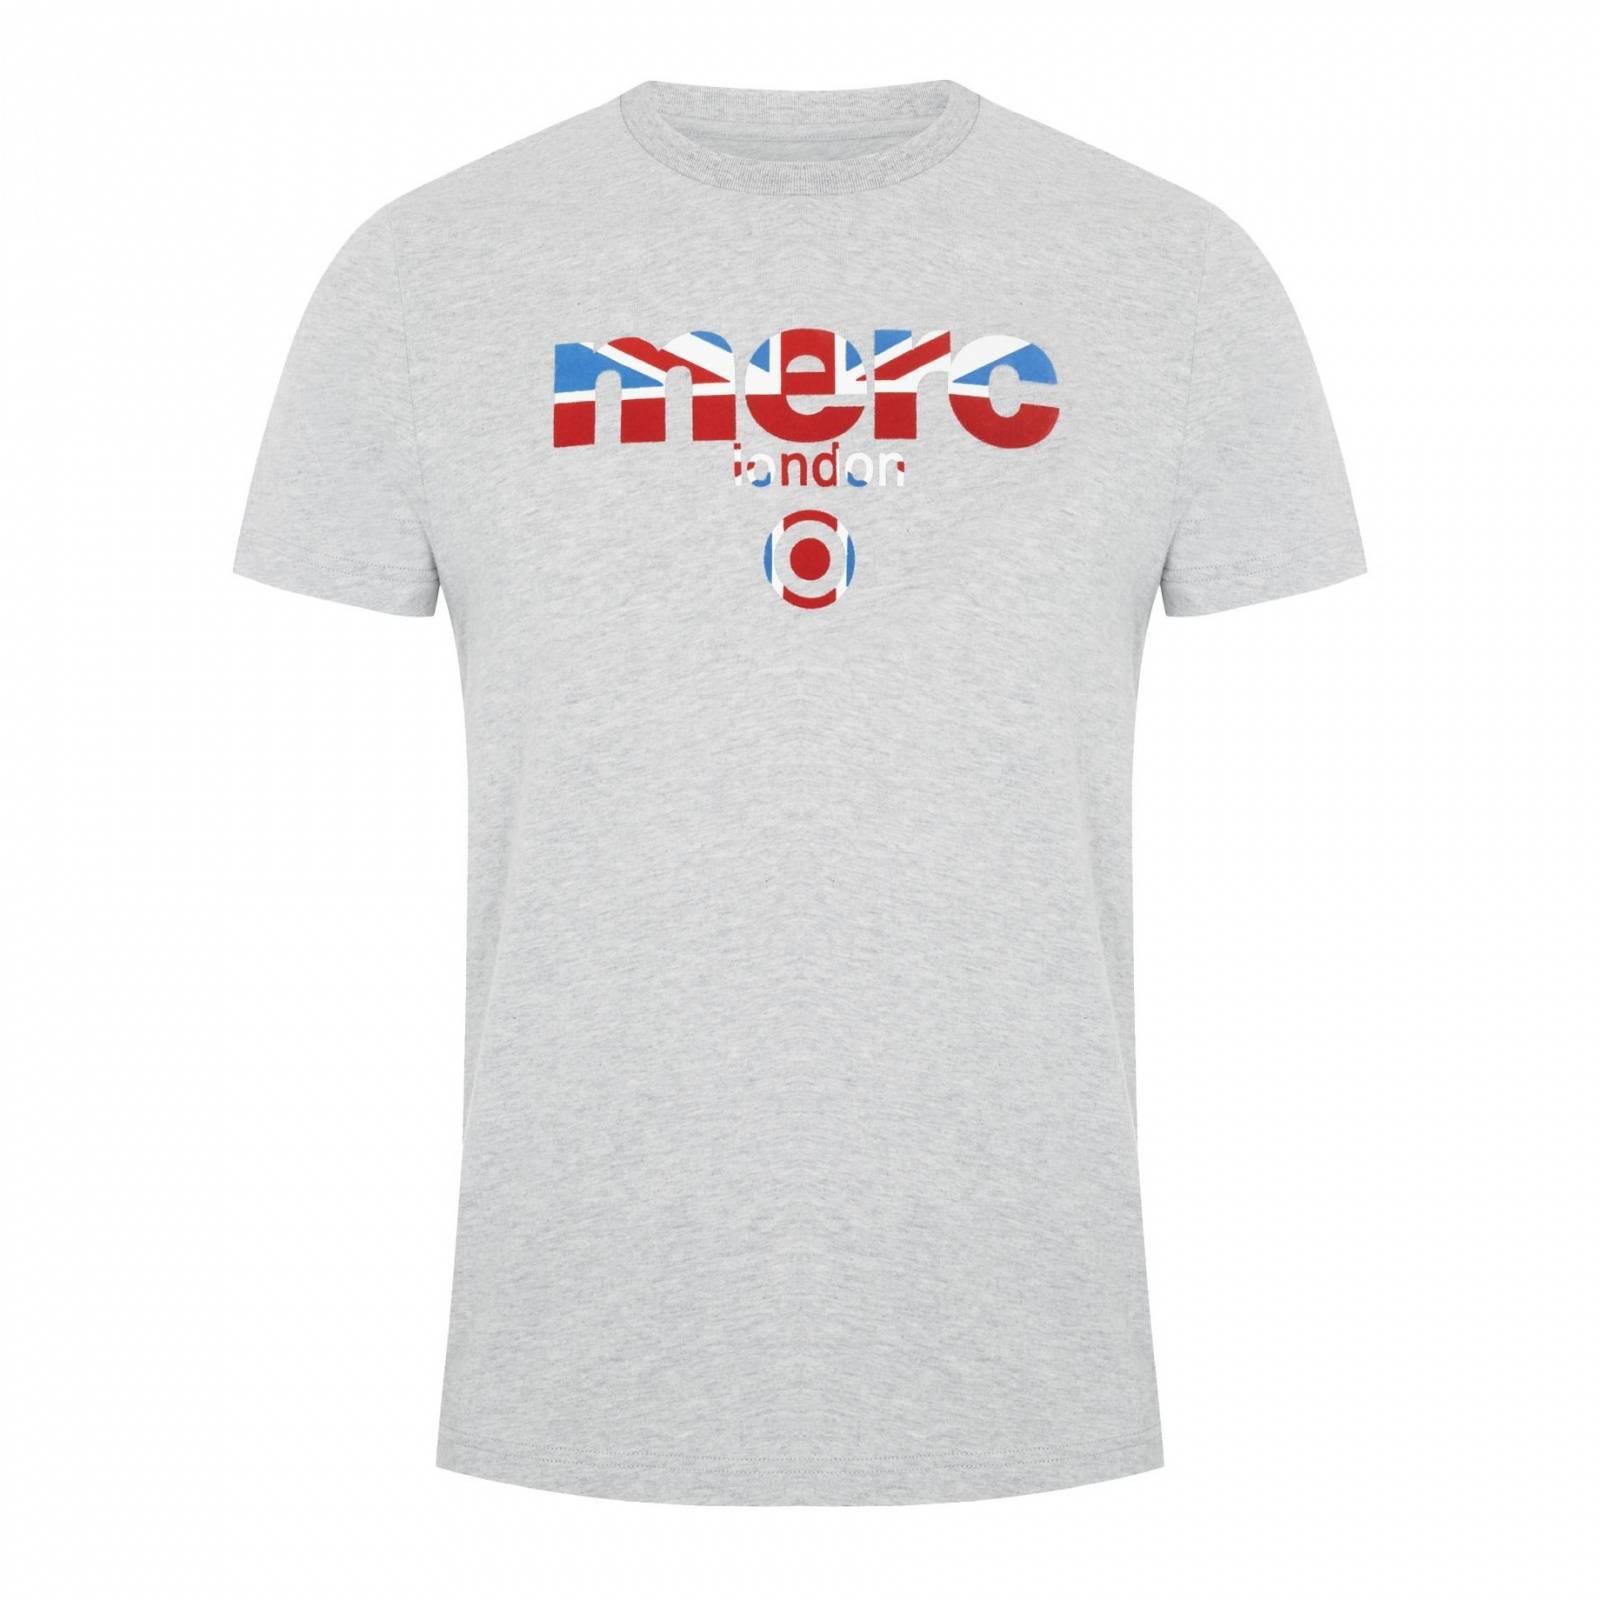 Футболка BroadwellCORE<br>Яркая футболка всесезонной базовой линии &amp;amp;quot;Core&amp;amp;quot; с классическим логотипом Merc, украшенным Union Jack. Высокое качество нанесения принта исключает его облезание в результате стирок. Трехцветный Британский флаг позволяет легко комбинировать эту футболку со множеством вариантов джинсов, шорт, обуви и брюк в различных цветовых решениях. Отлично сочетается с олимпийками, кардиганами и верхней одеждой. Произведено в Европейском Союзе<br><br>Артикул: 1709210<br>Материал: 100% хлопок<br>Цвет: серый<br>Пол: Мужской